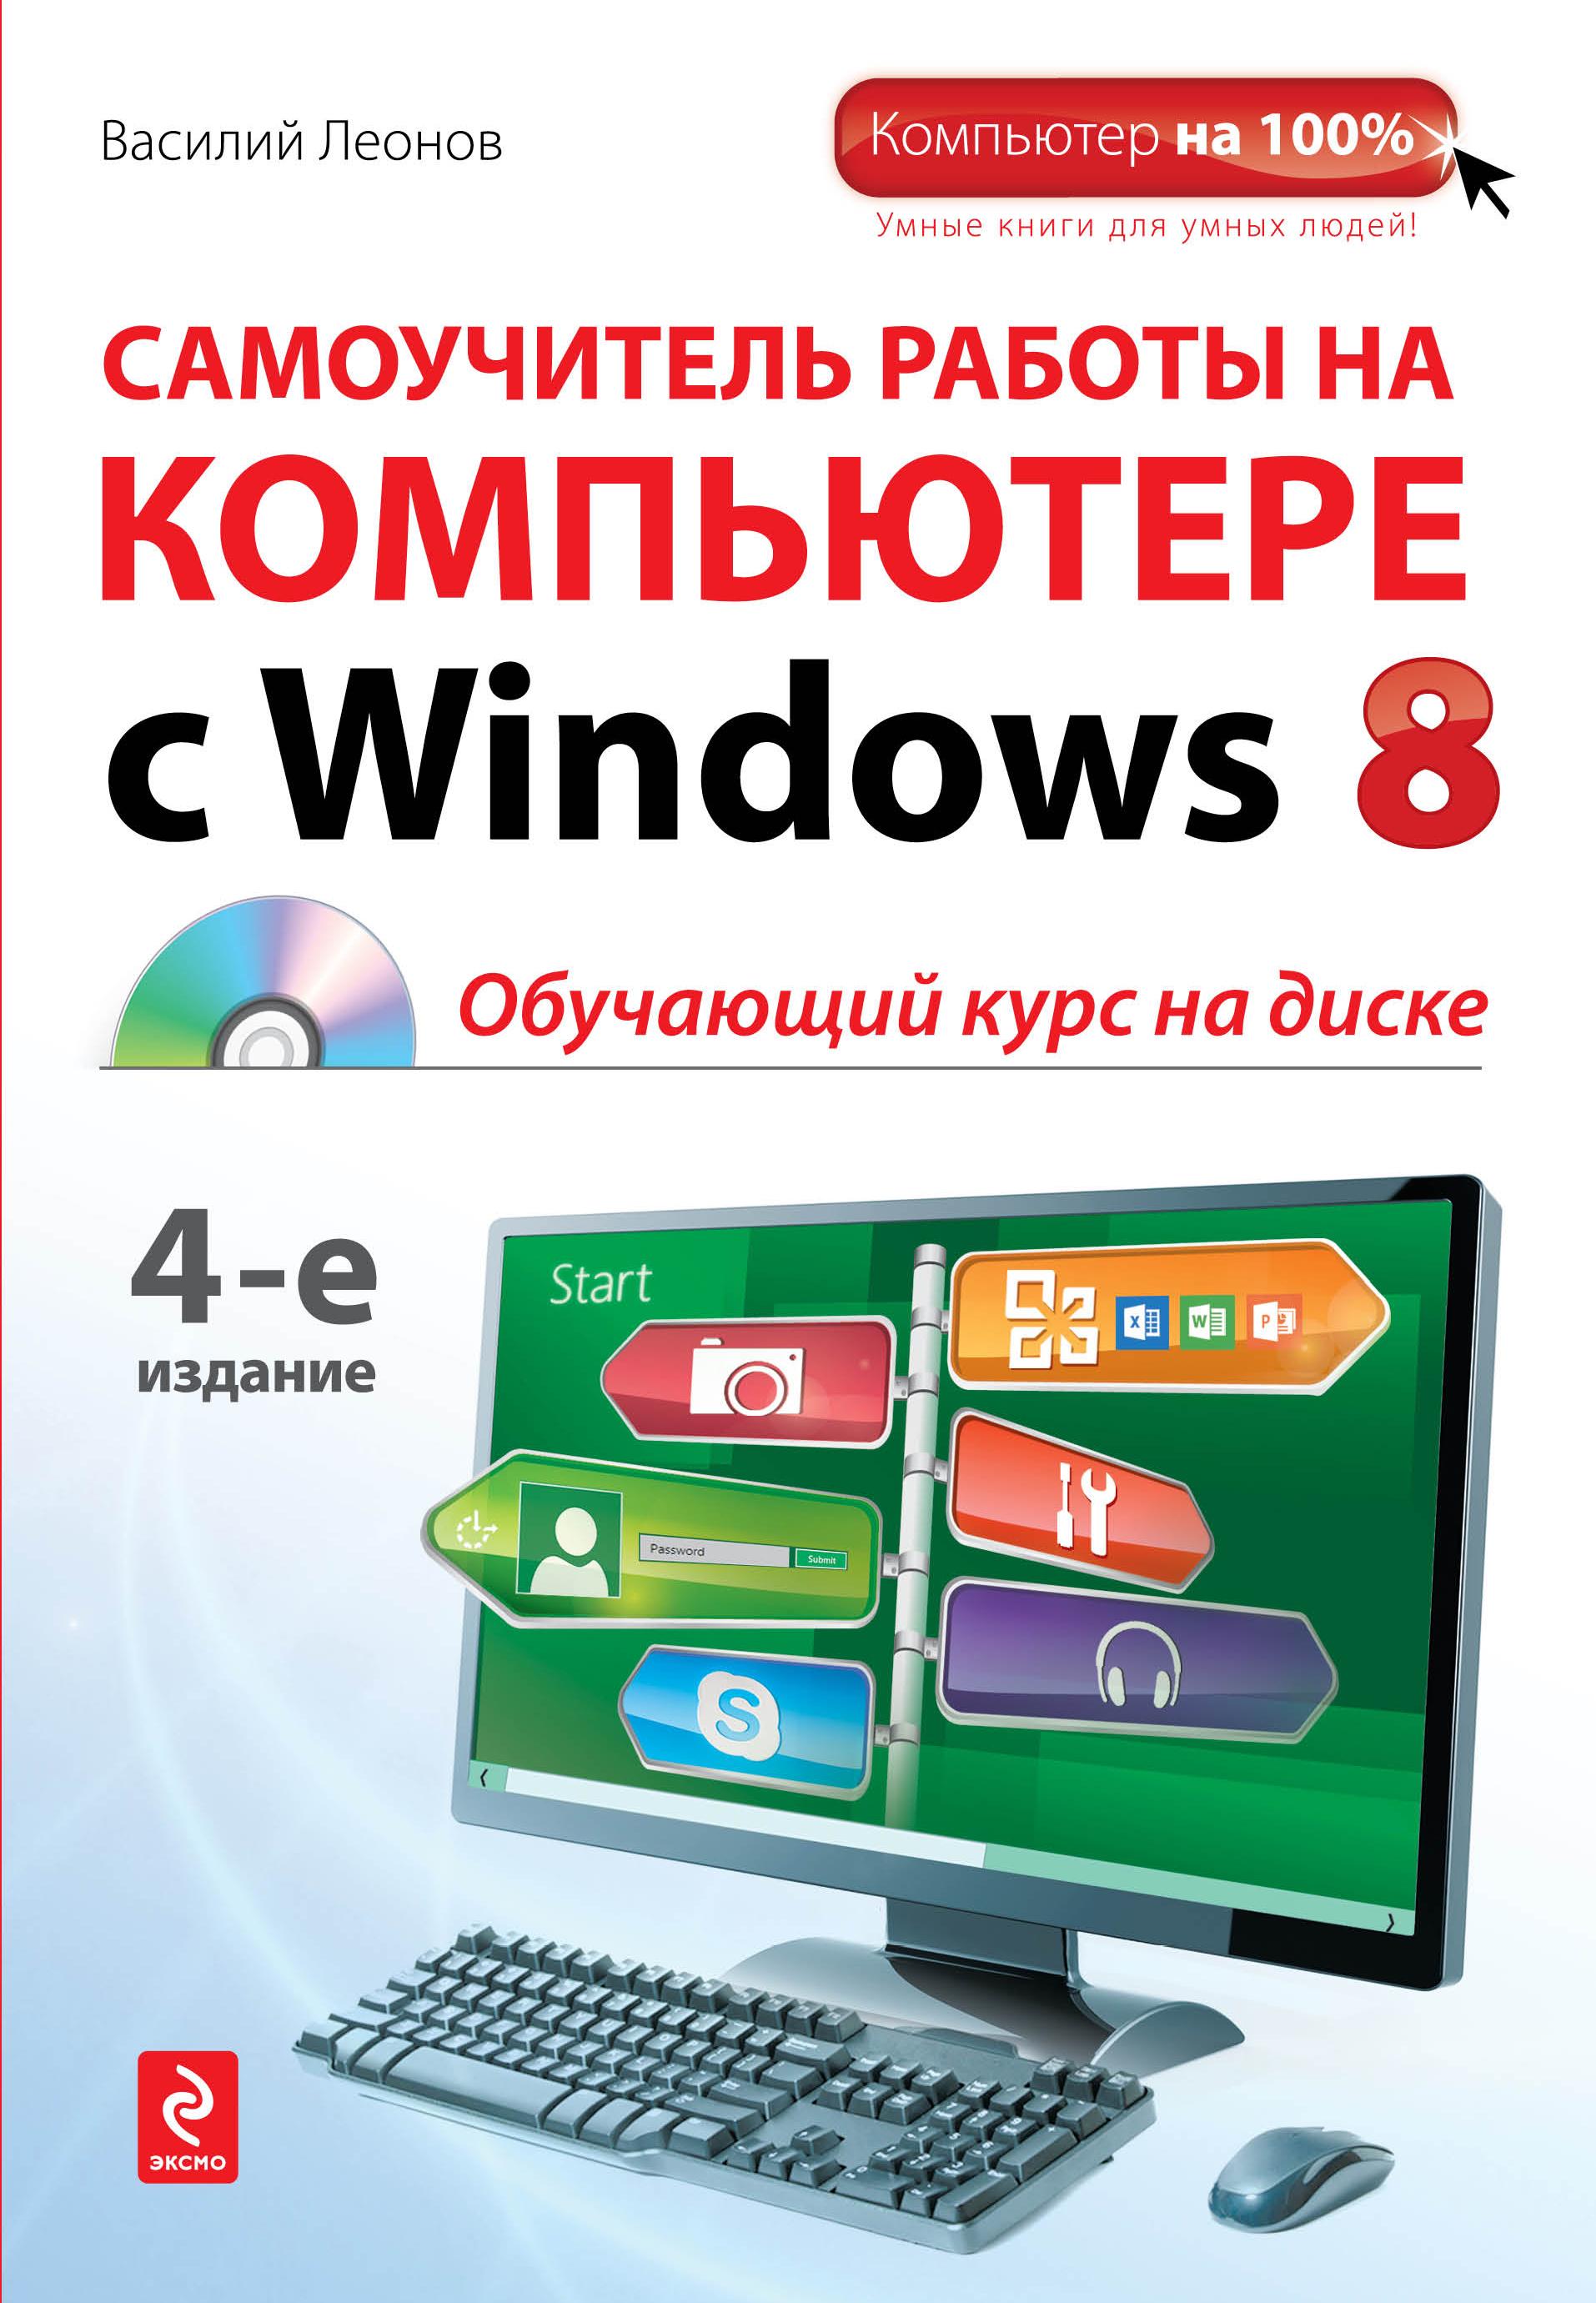 Самоучитель работы на компьютере с Windows 8. 4-е издание (+CD) от book24.ru